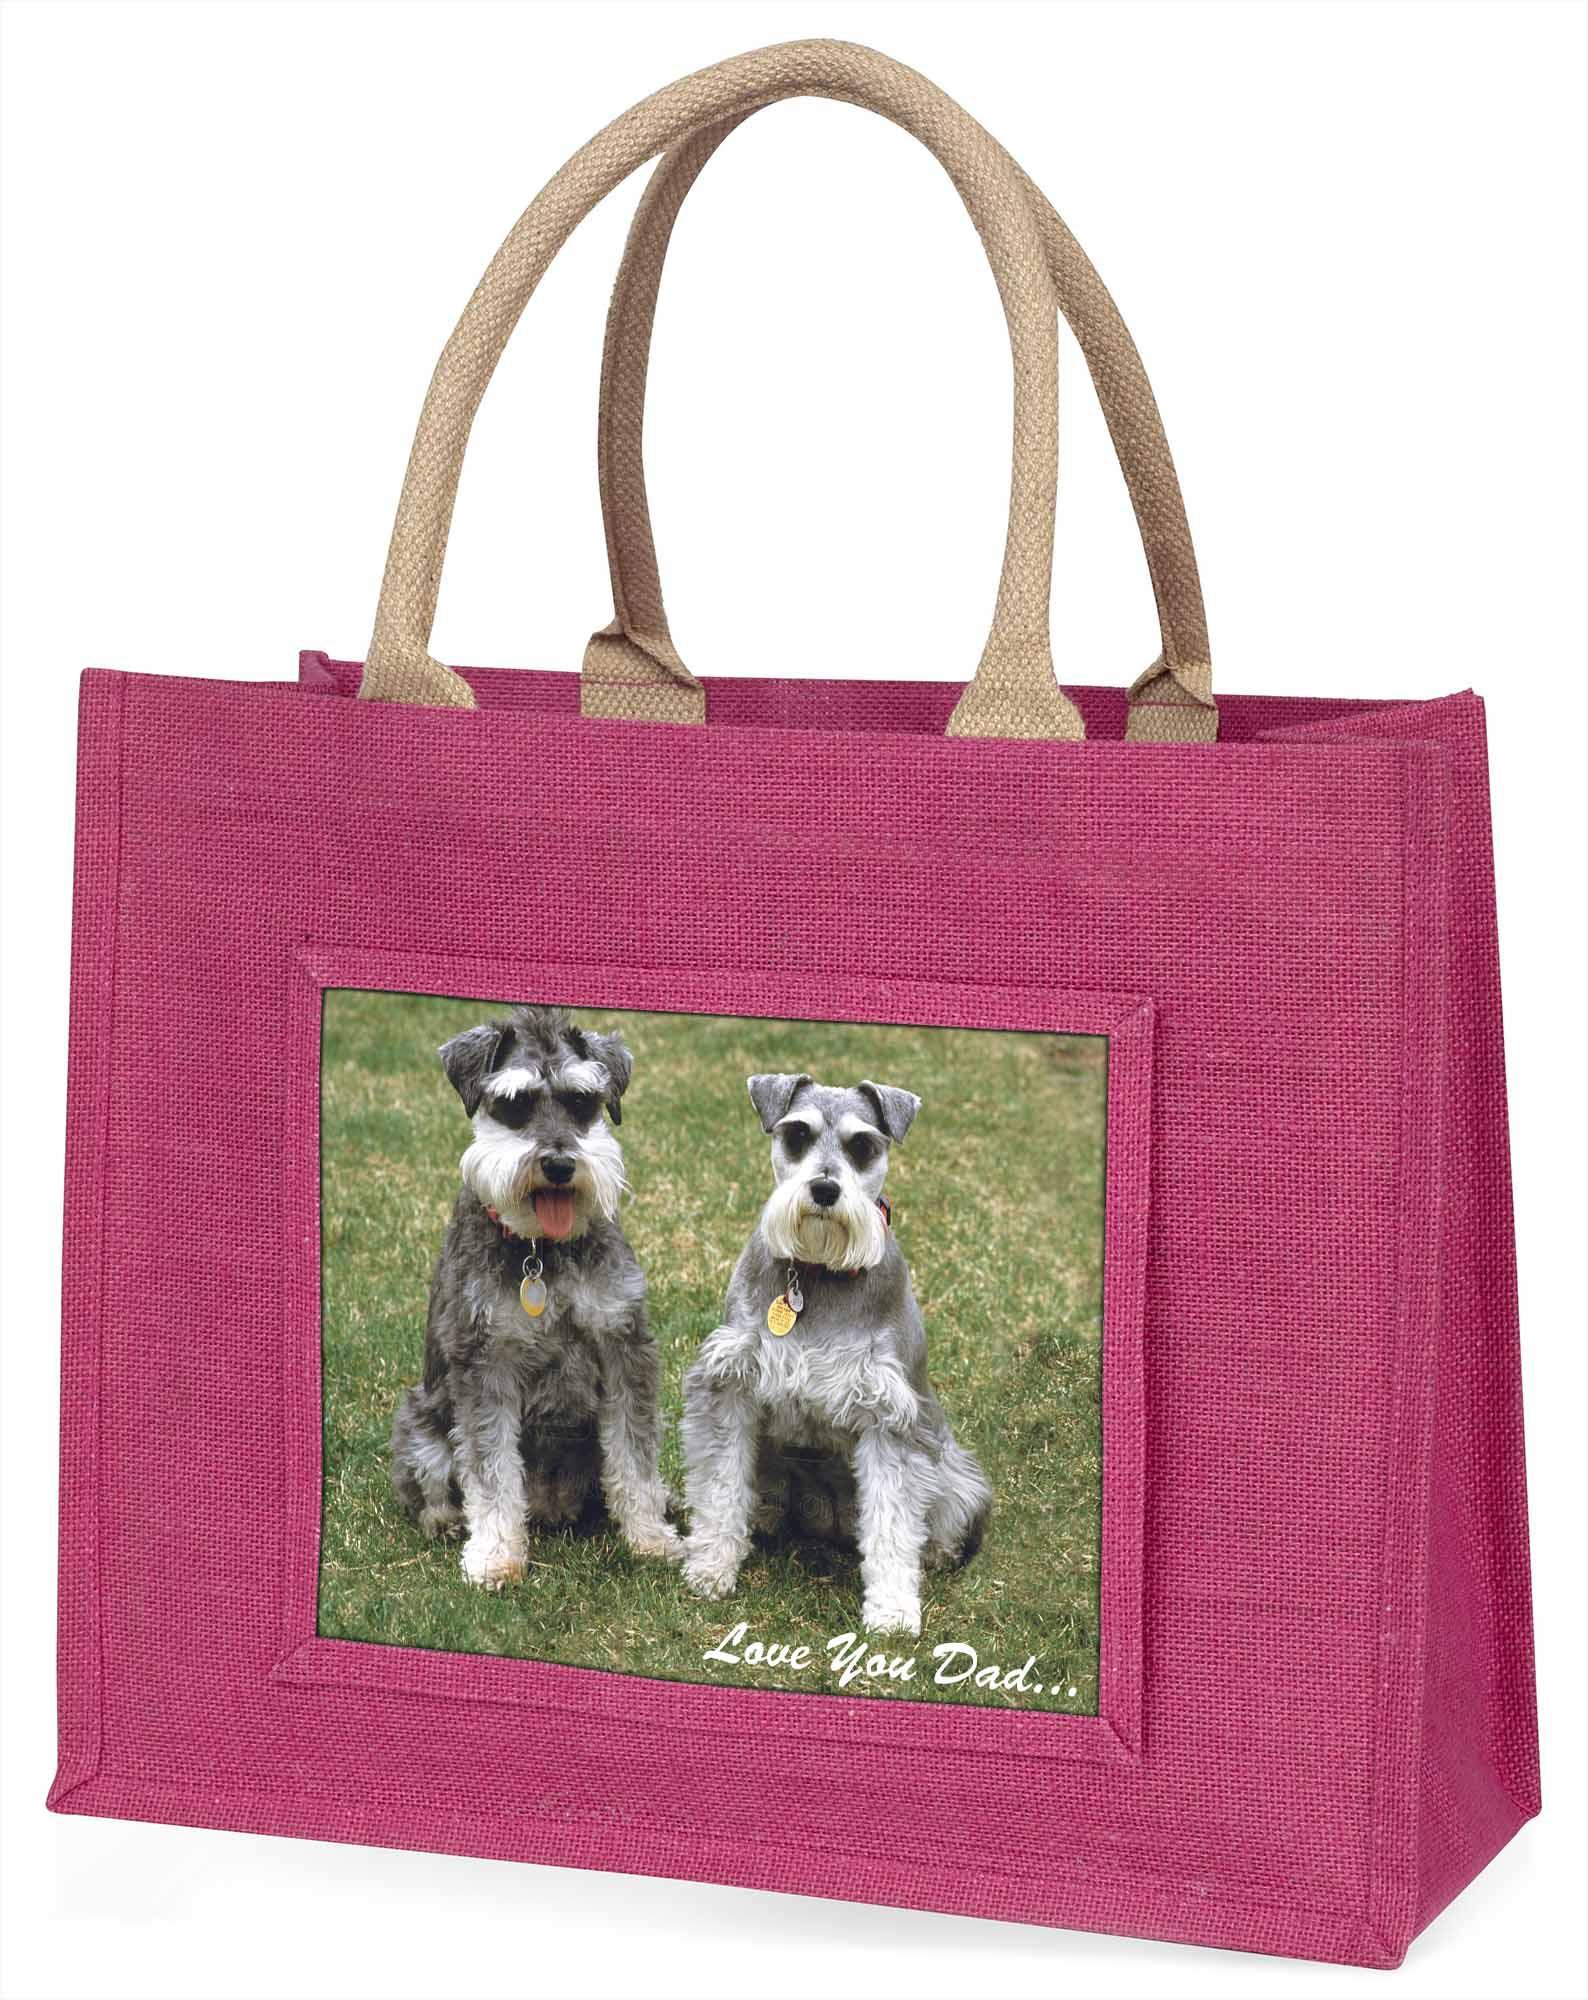 Schnauzer Hunde' liebe Dich Papa' große rosa Einkaufstasche WEIHNACHTEN Prese ,